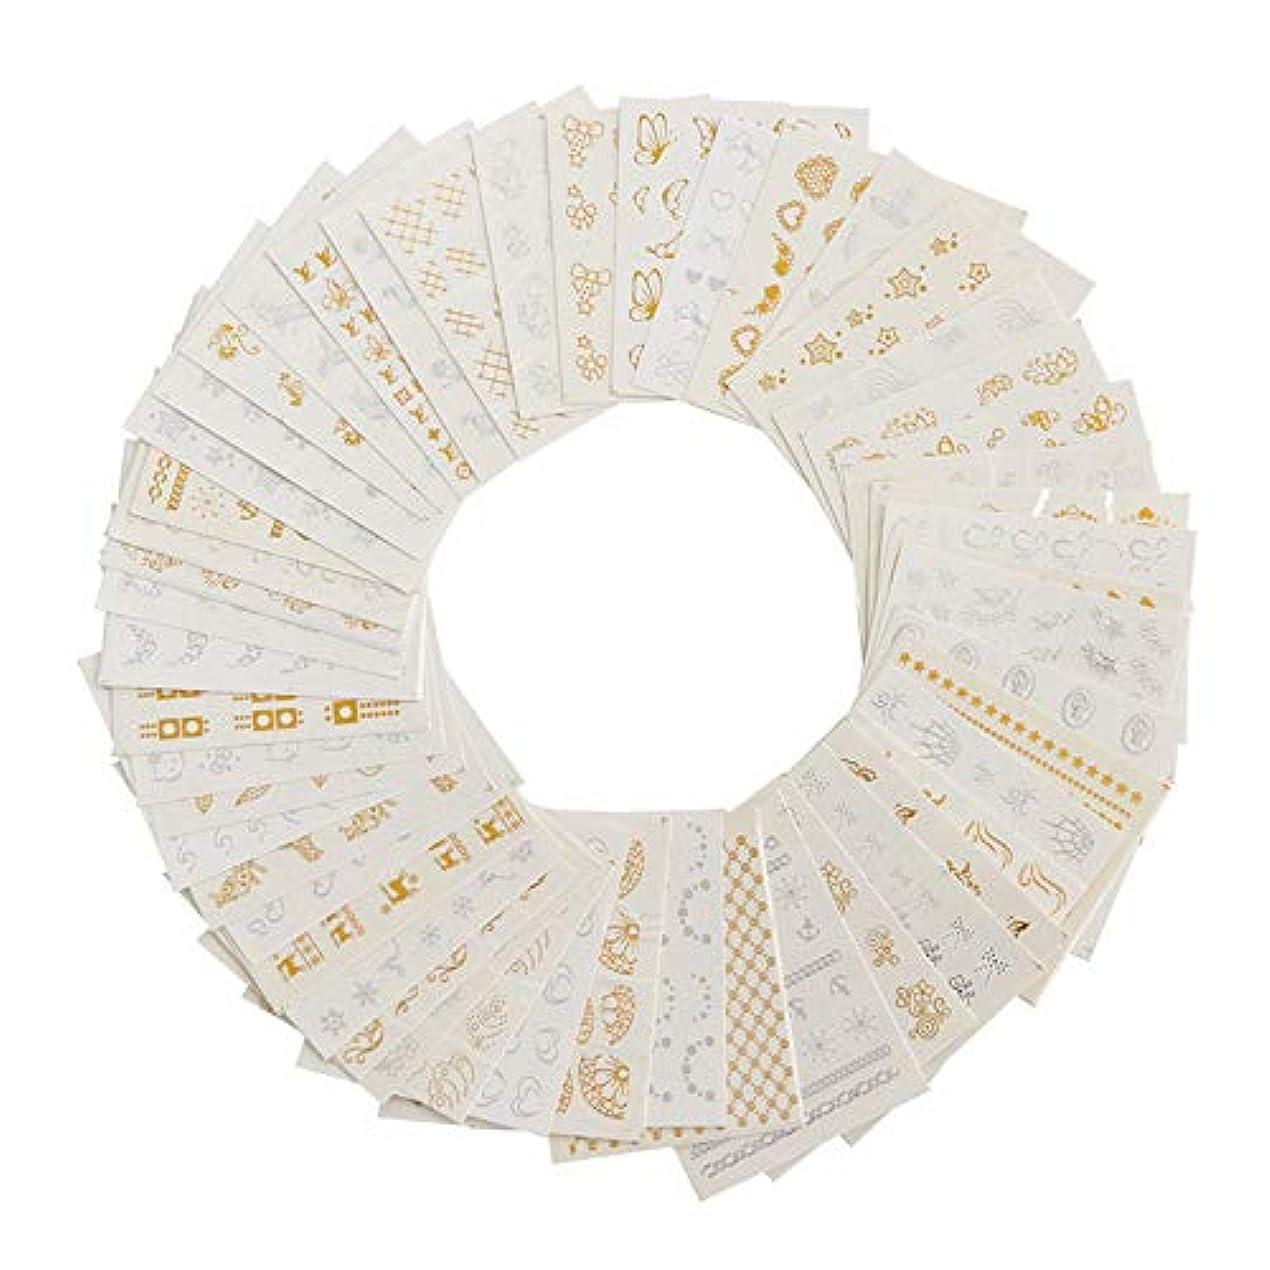 分注する制裁豆ネイルホイル ゴールド シルバー 羽毛ネイルステッカー ウォーターネイルシール ネイルアート デコレーション パーツ 30枚セット